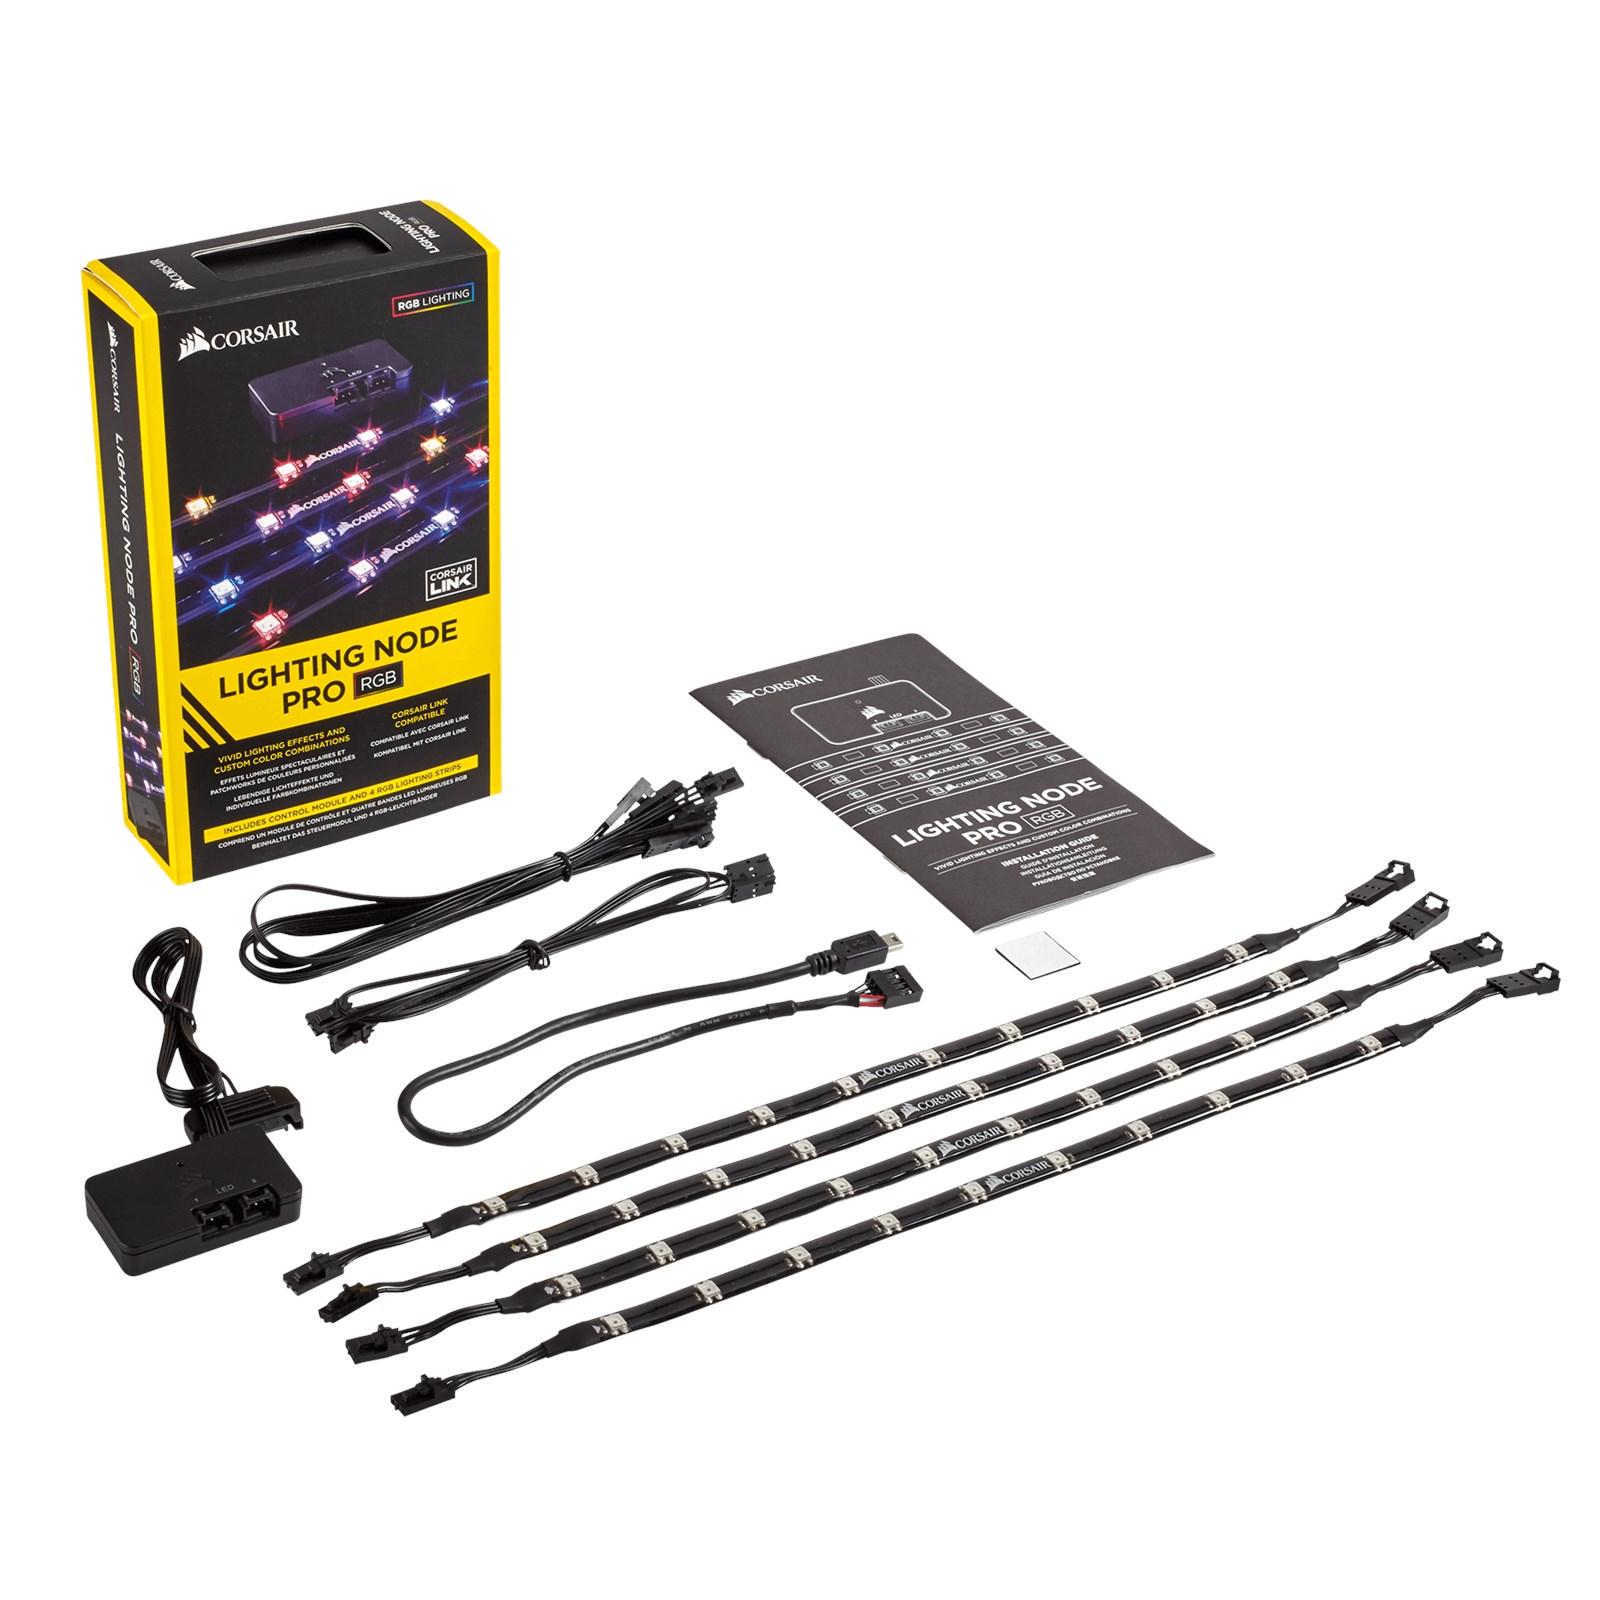 Corsair lighting node pro rgb led lighting kit cl 9011109 ww ccl corsair lighting node pro rgb led lighting kit freerunsca Choice Image